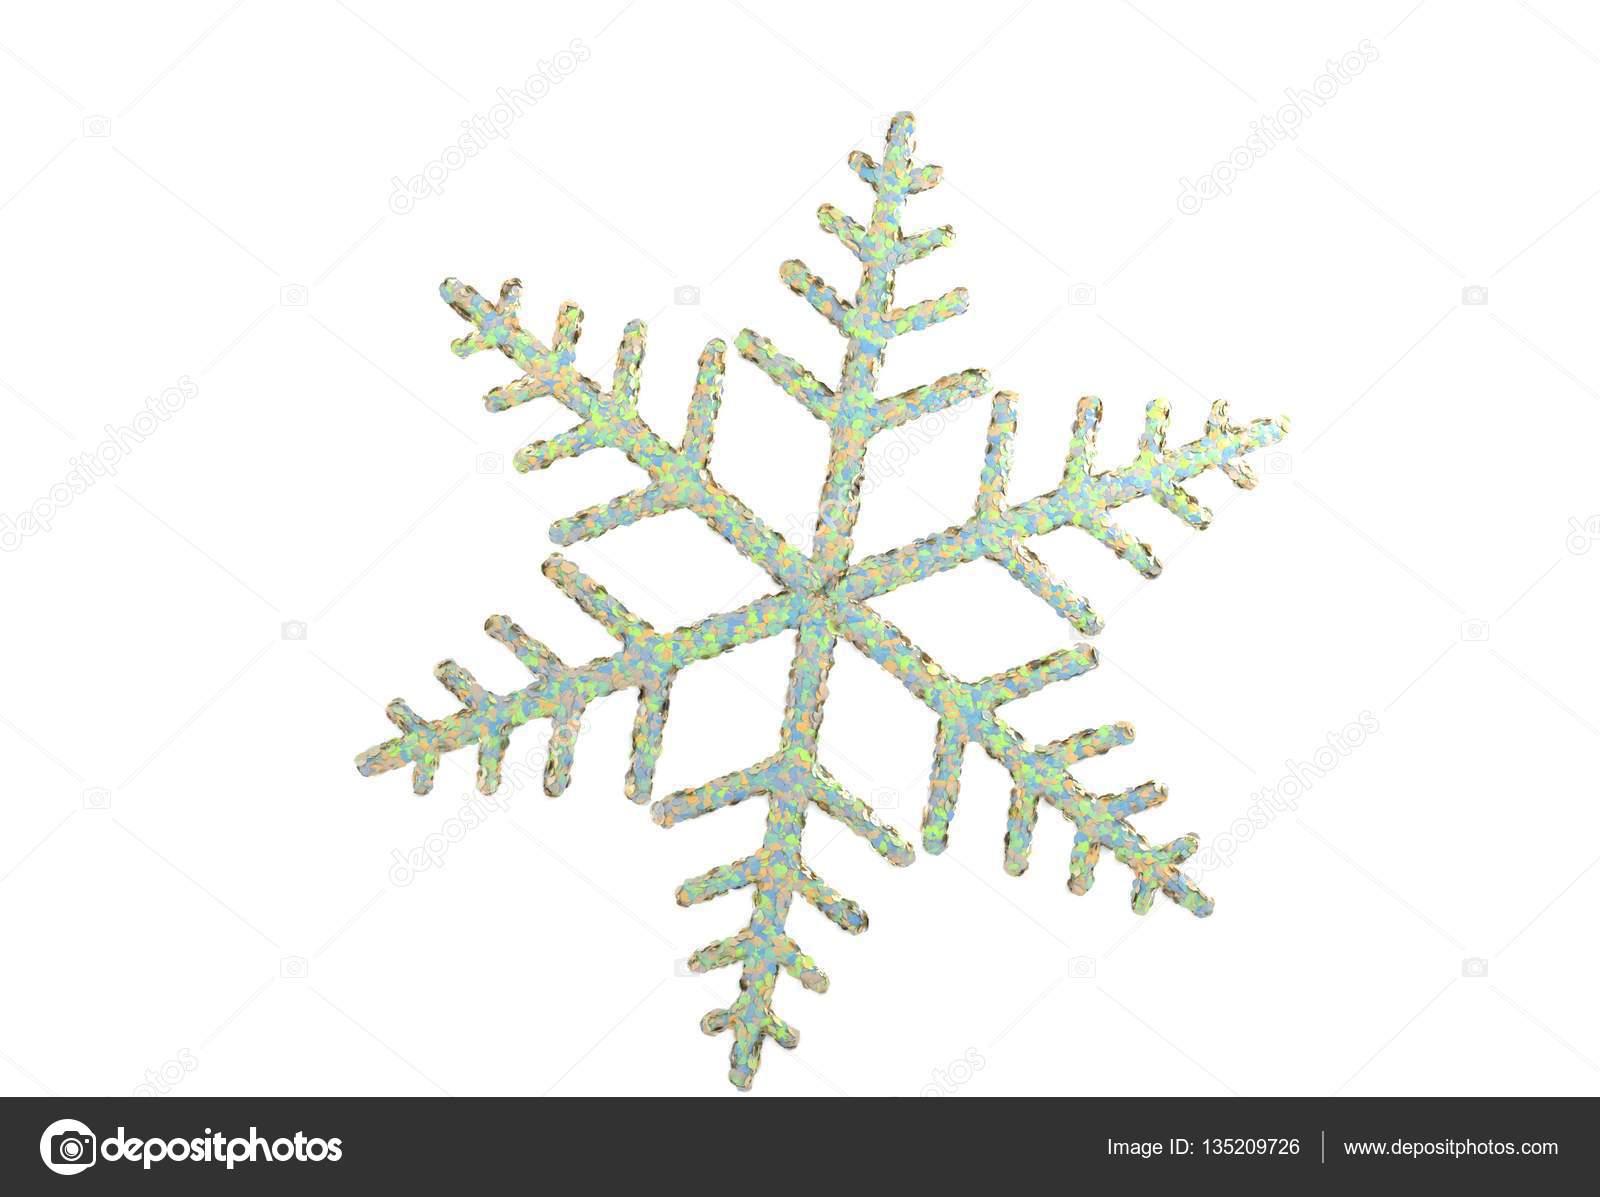 Fiocchi Di Neve Di Carta 3d : Fiocco di neve giocattolo isolato su bianco illustrazione d